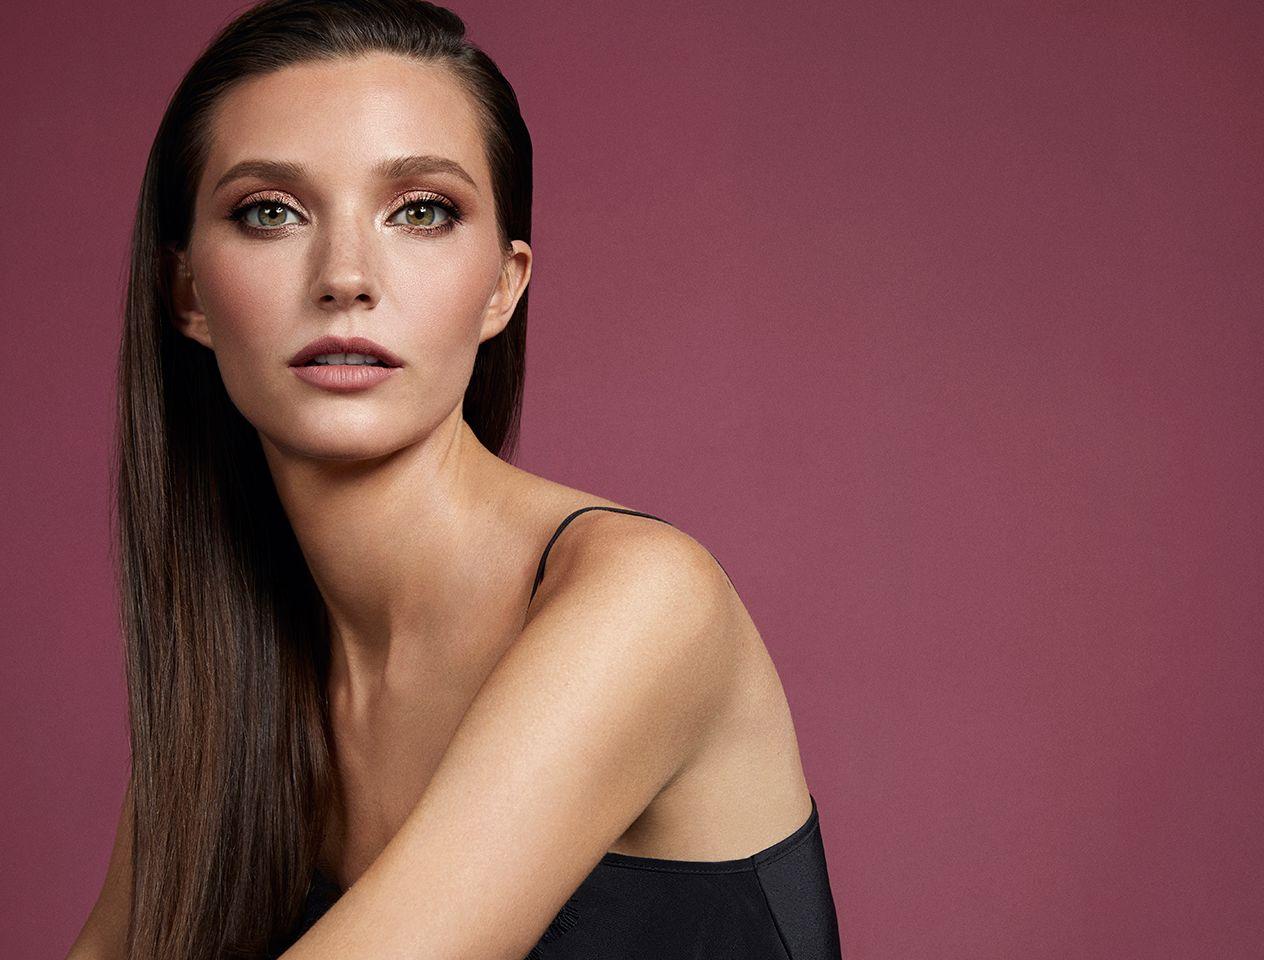 Model in Charlotte Tilbury make-up